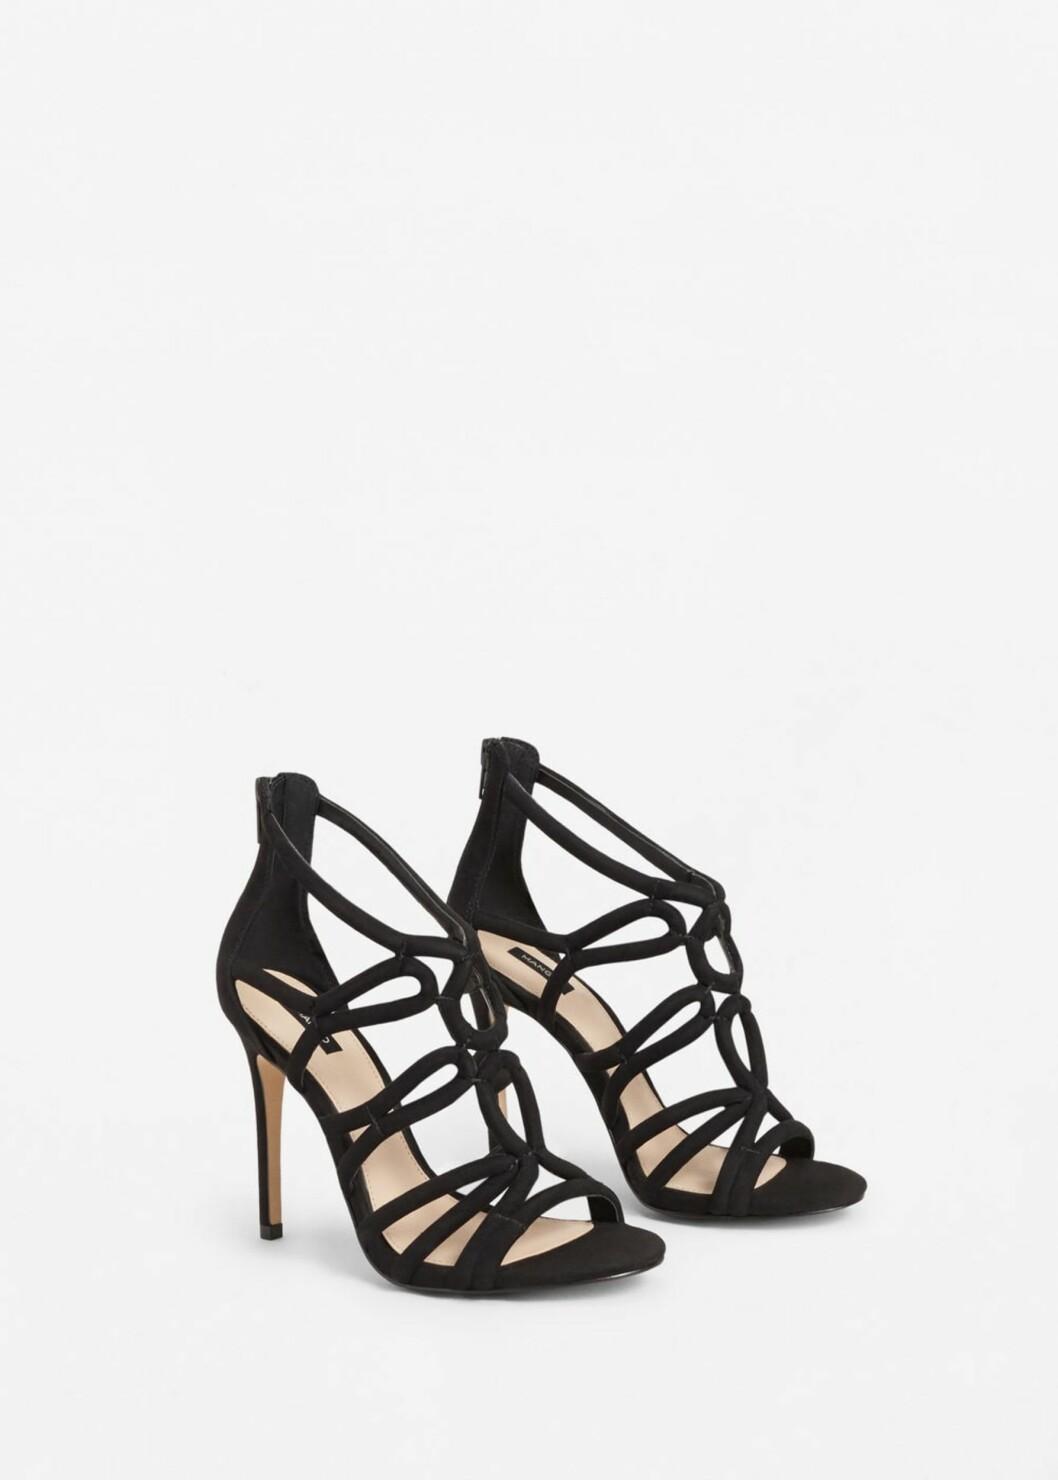 <strong>Sandaler med høy hæl fra Mango | kr 399 | http:</strong>//shop.mango.com/NO/p1/damer/tilbeh%C3%B8r/sko/sandaler/sandaler-med-rem-og-h%C3%A6l?id=83033570_99&n=1&s=accesorios.zapatos&ts=1486990088546